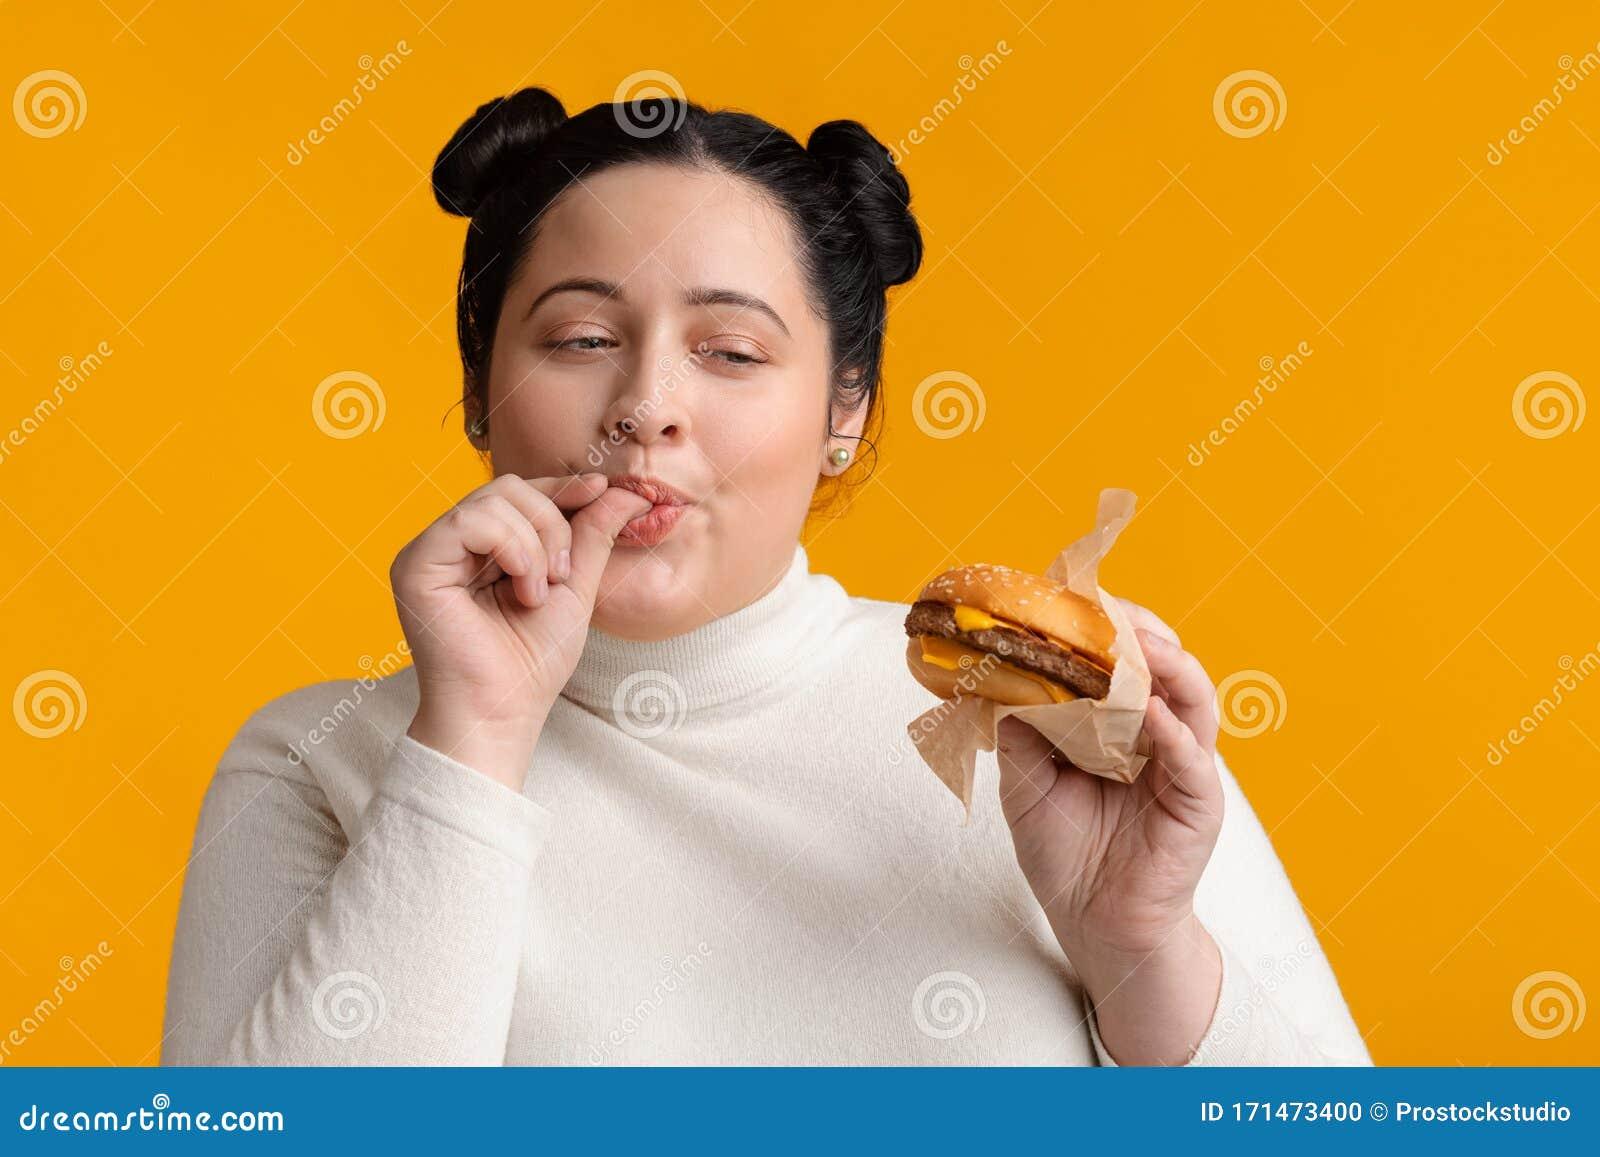 Finger chubby girl